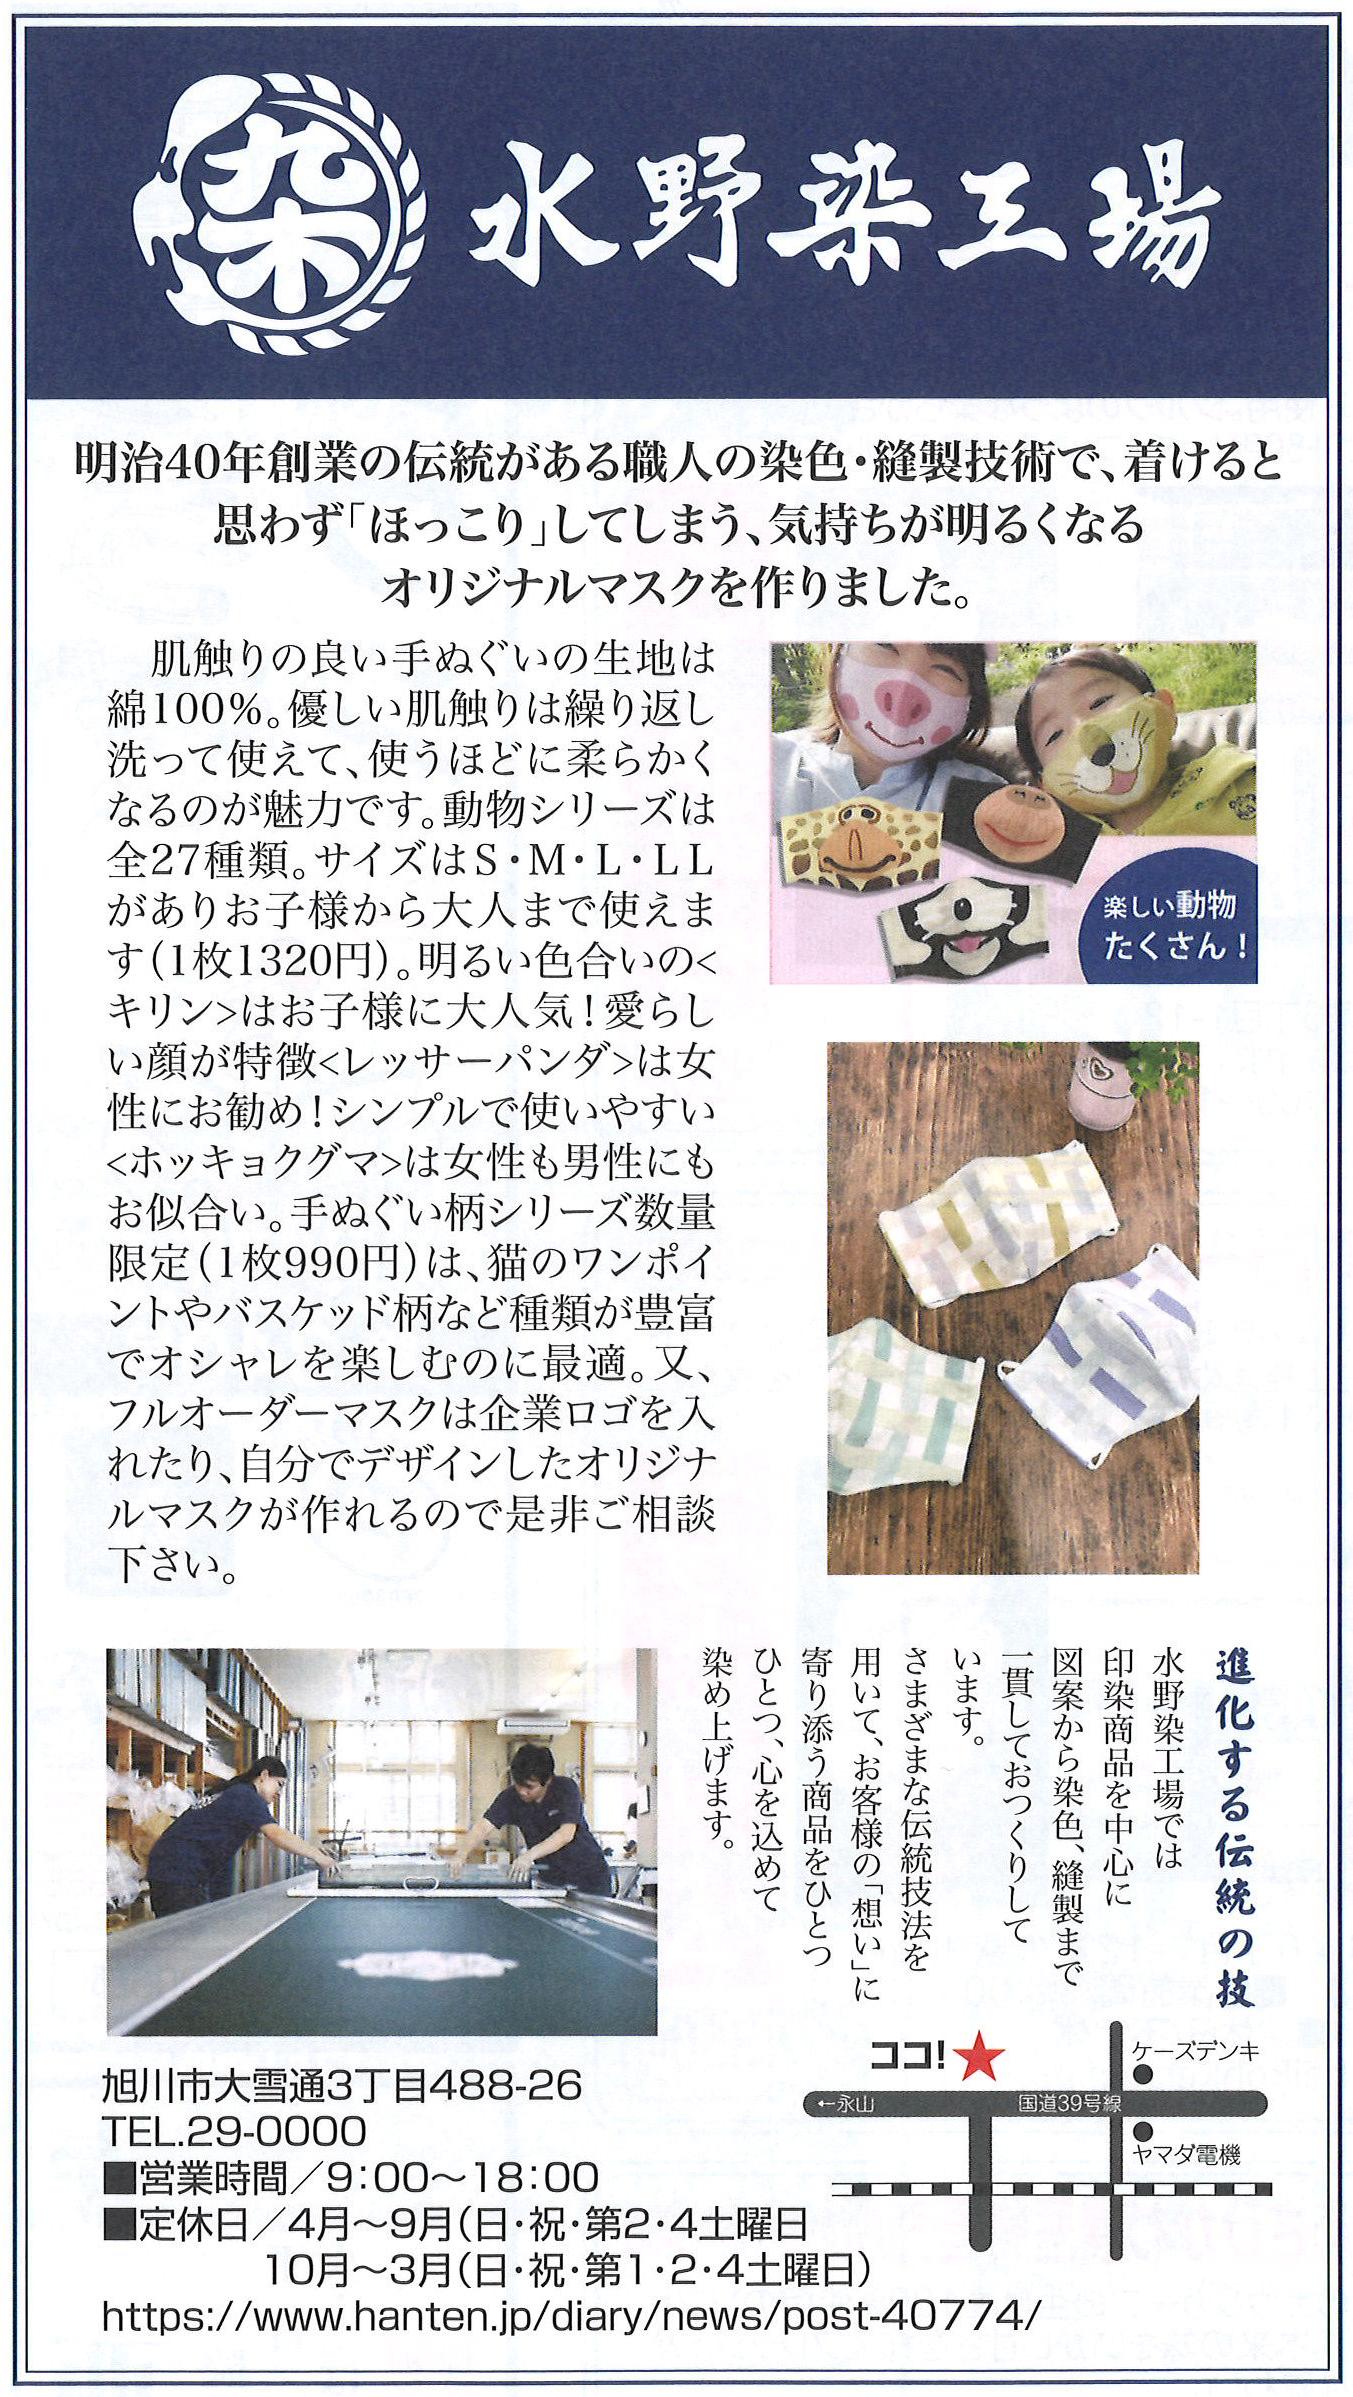 旭川の地域情報紙「せせらぎタウン」様に弊社の記事を掲載していただきました!